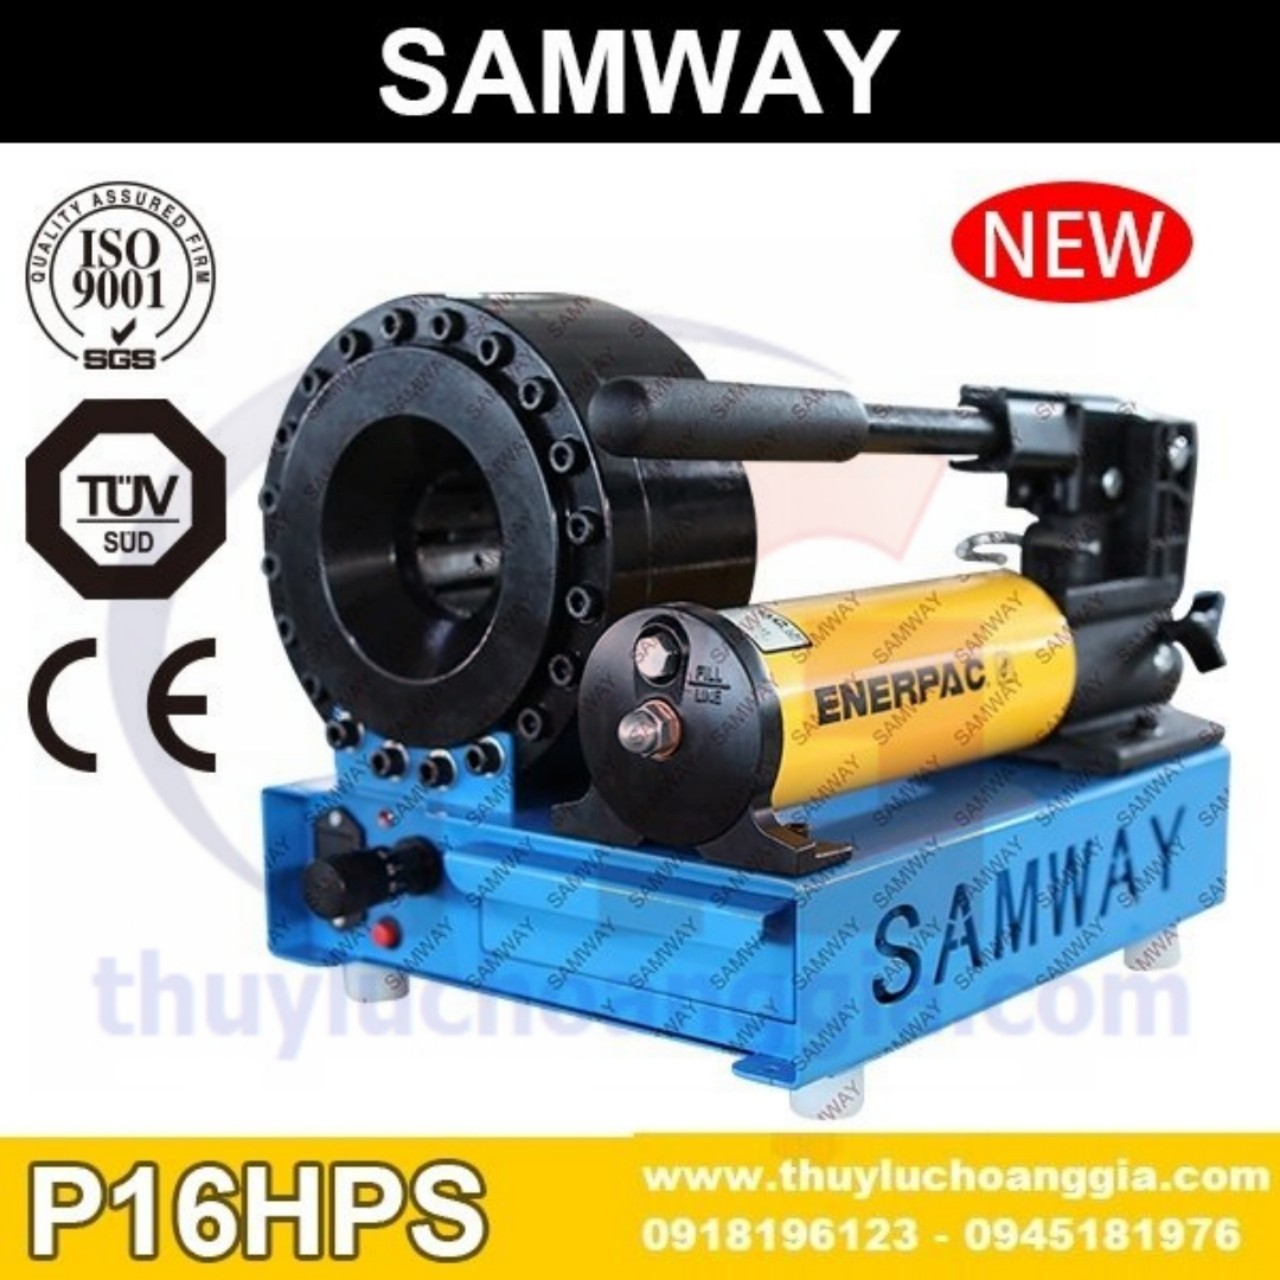 MÁY BÓP ỐNG THỦY LỰC SAMWAY P16HPS